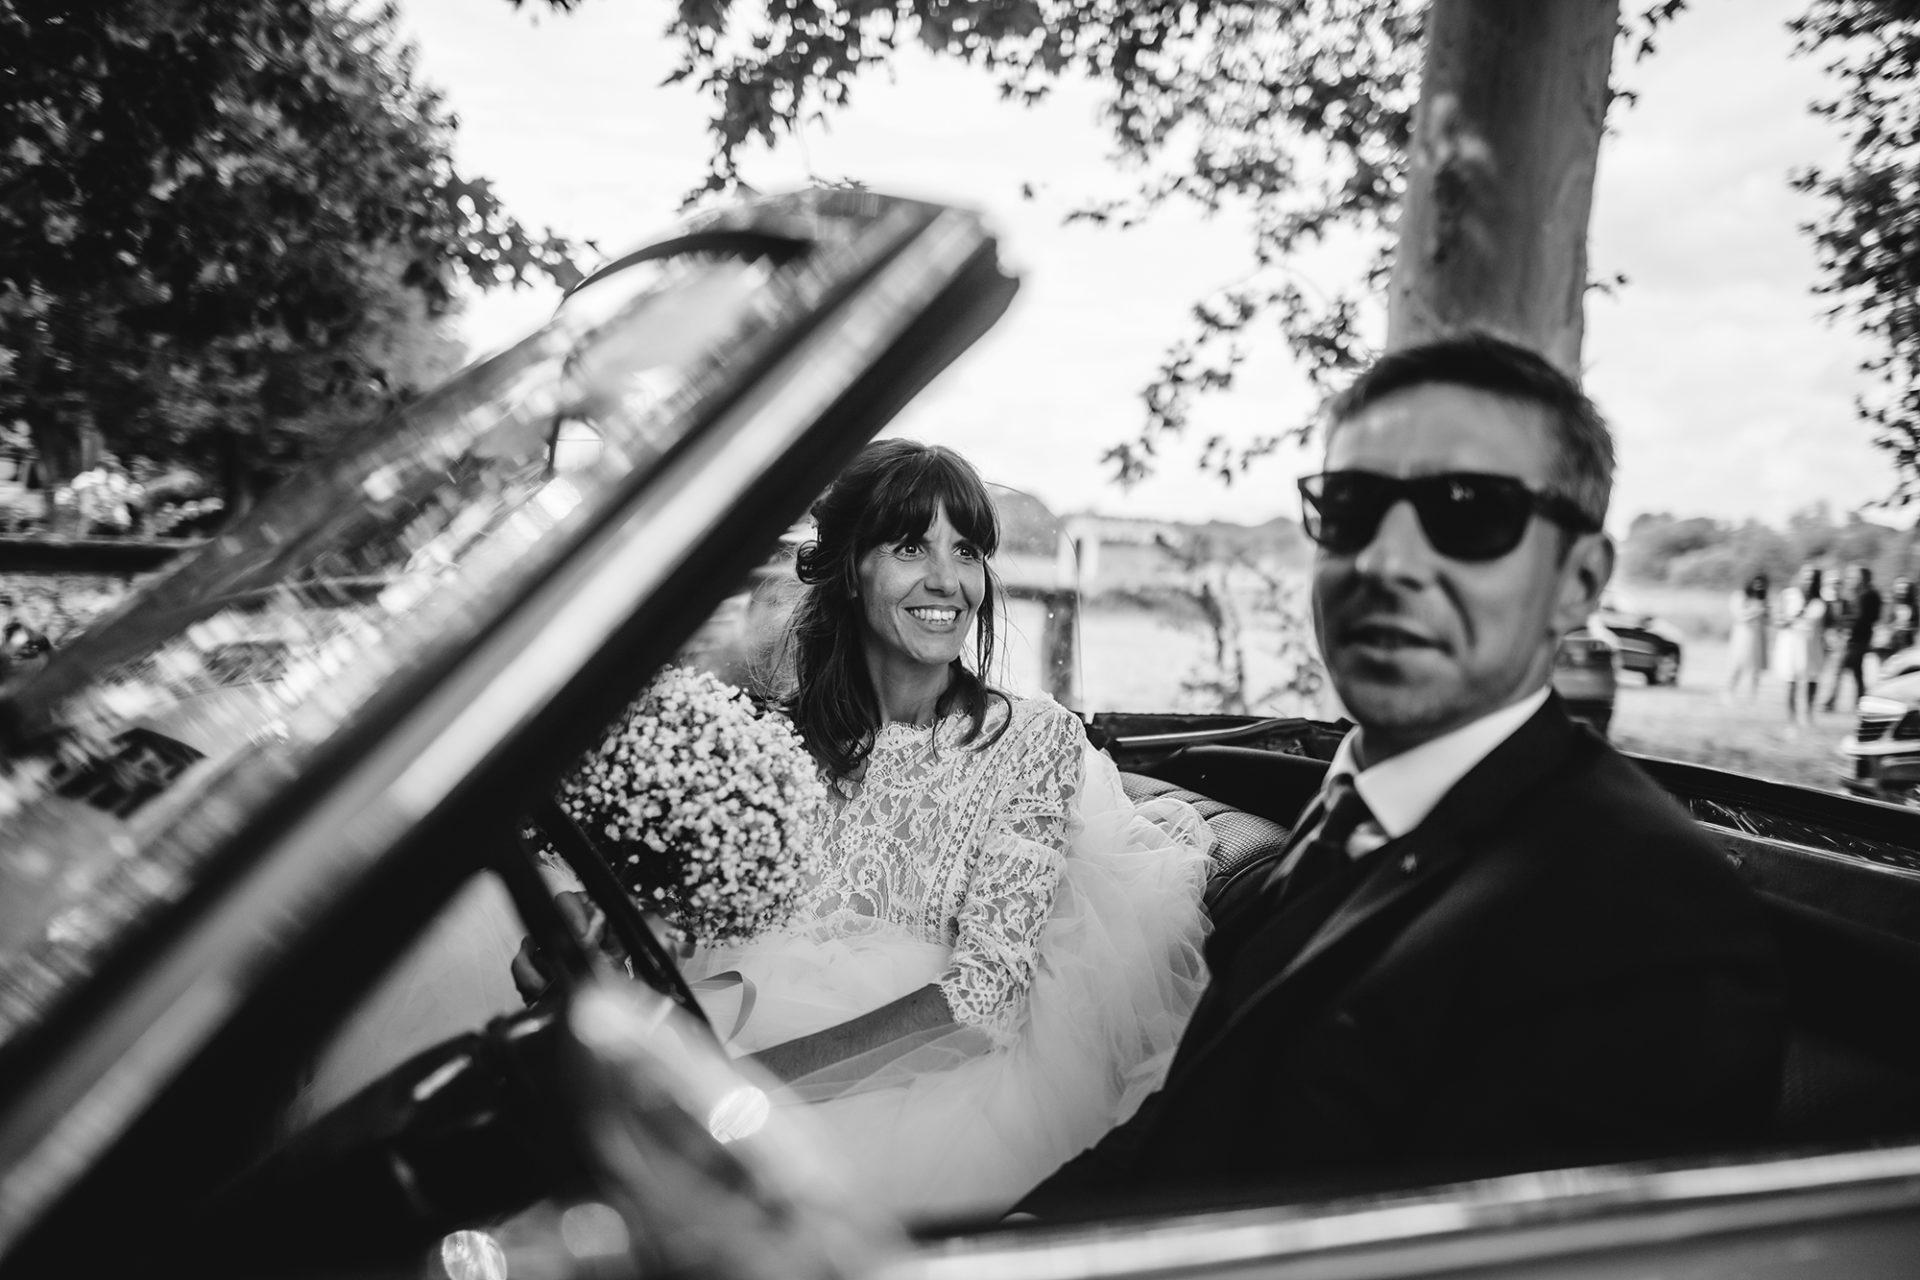 photographe-carcassonne-mariage-couple-11